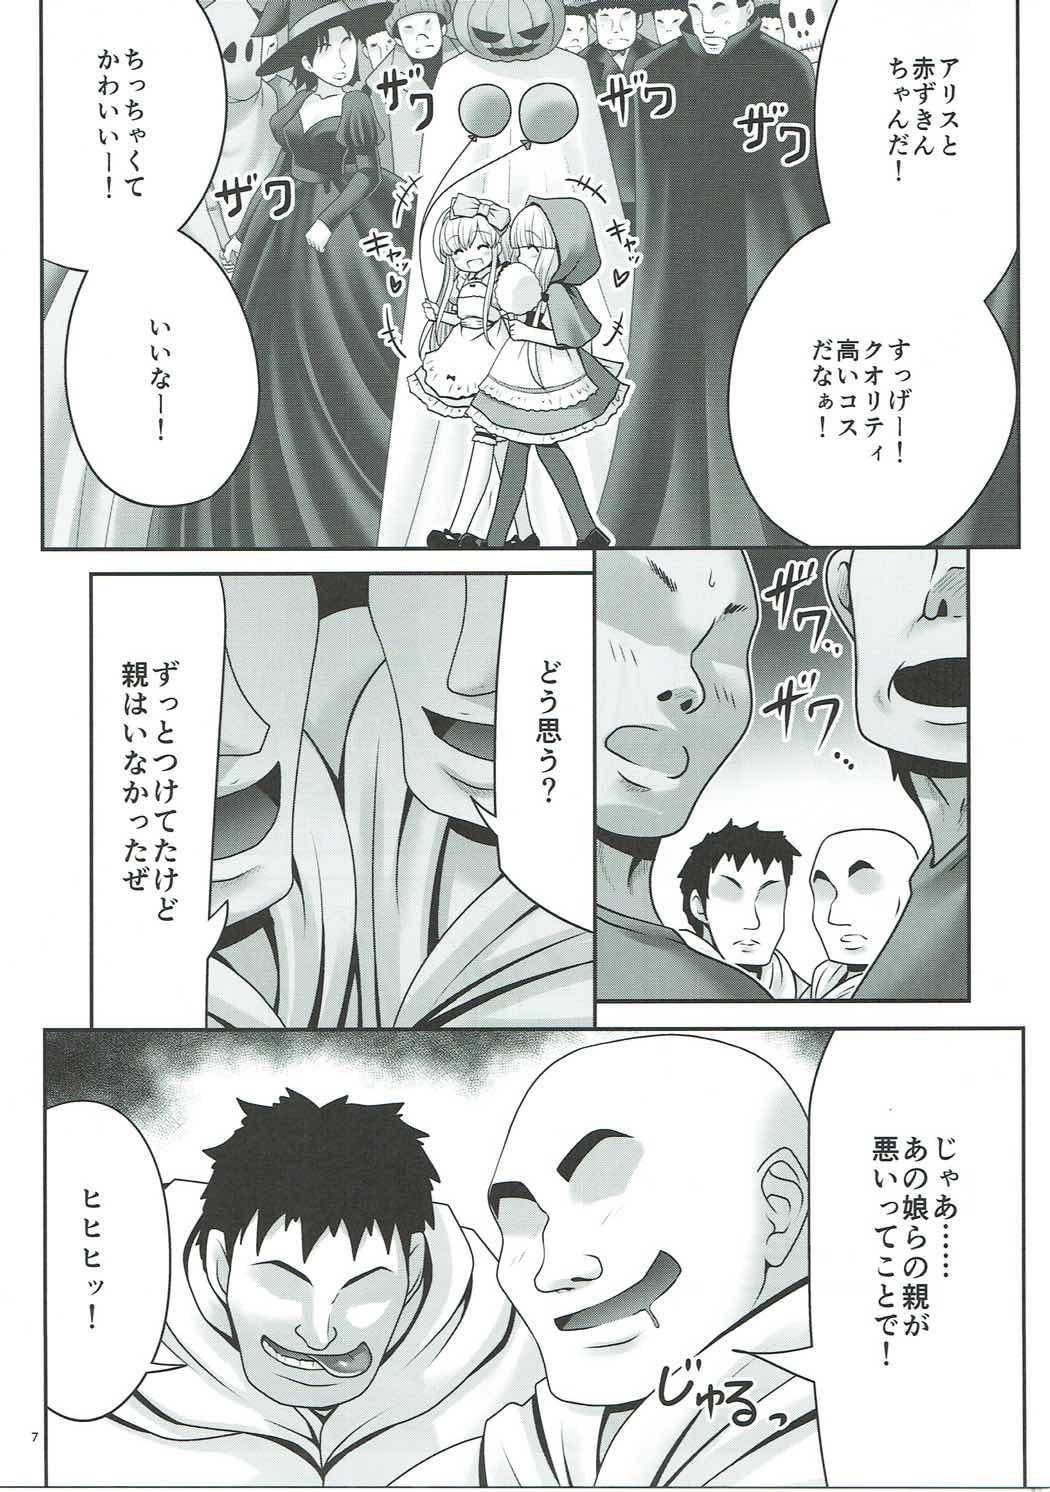 Osoware Nureru Ehon no Shoujo 5